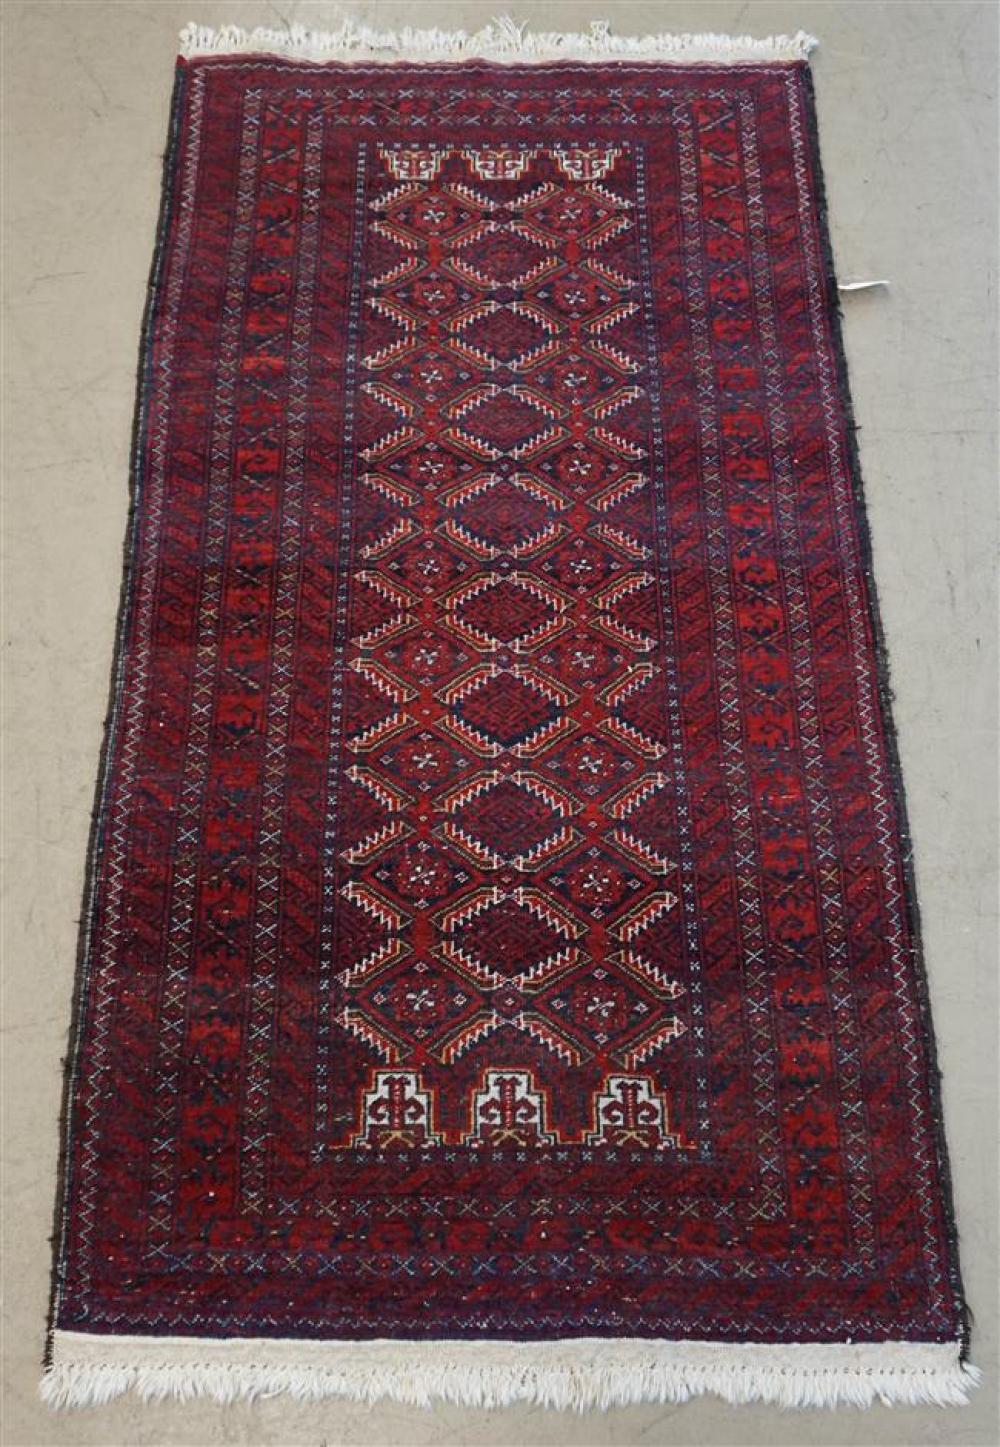 Hamidan Area Rug; 5 ft 10 in x 3 ft